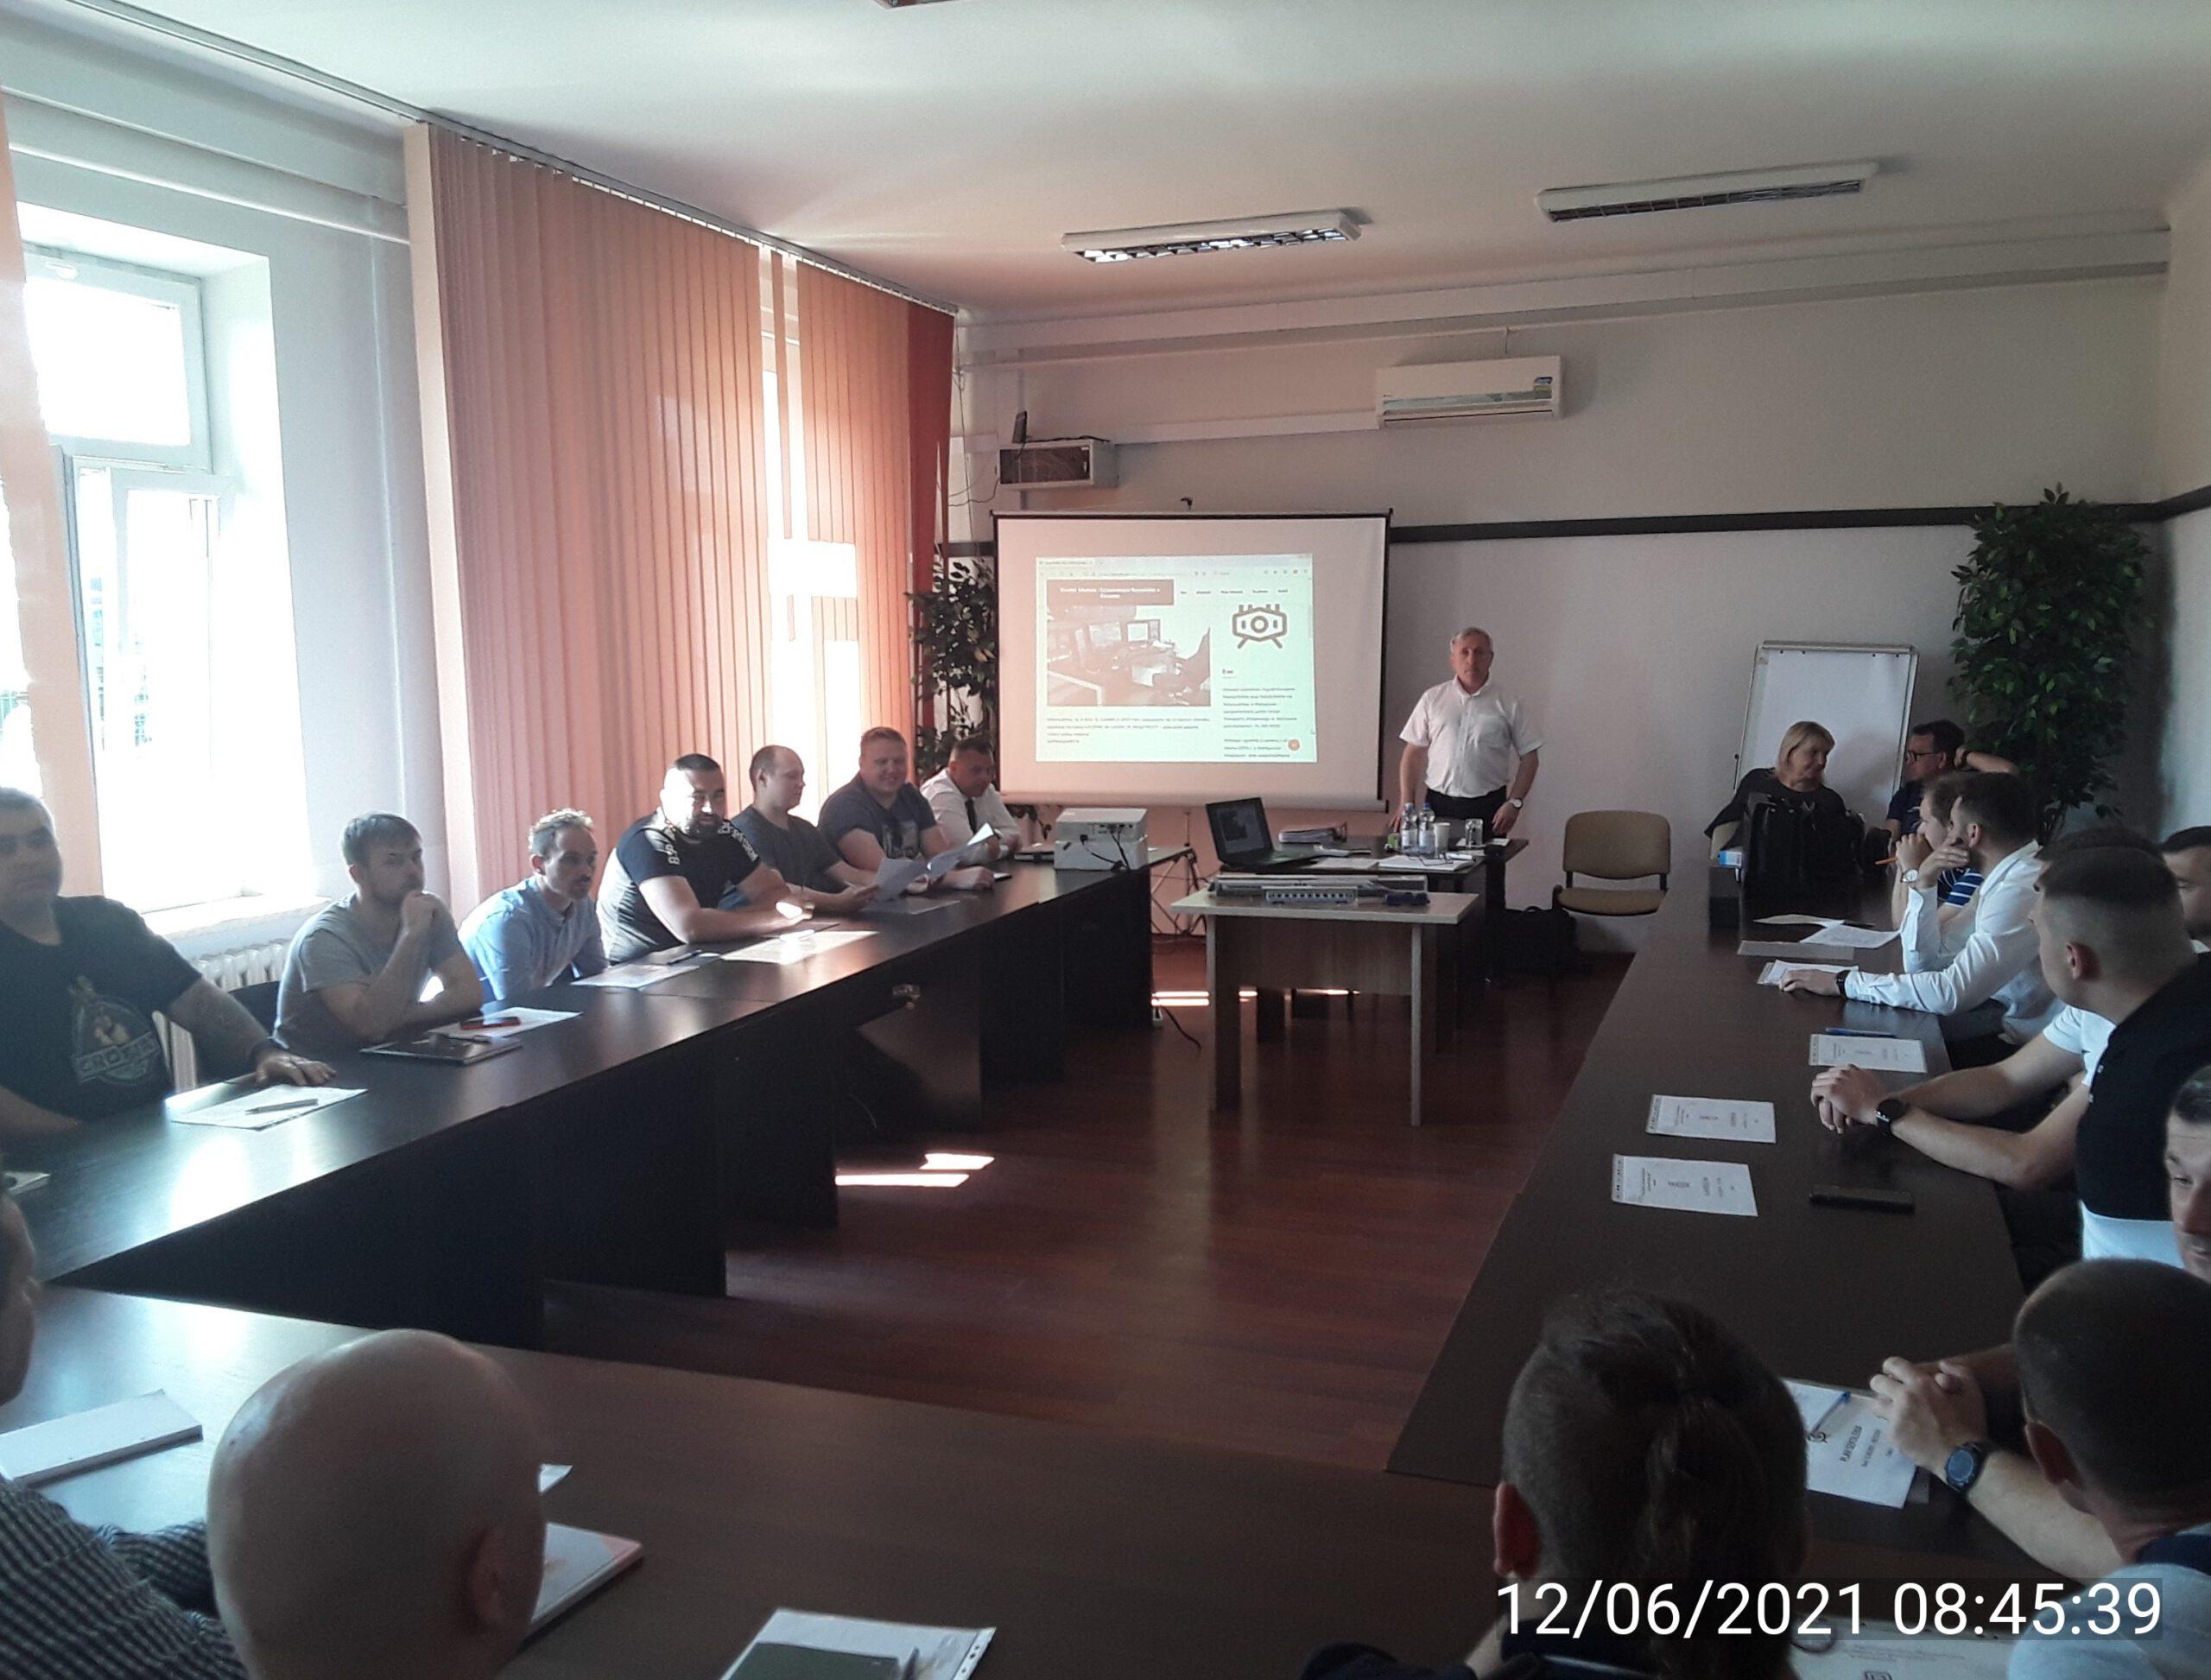 Kurs na Licencję maszynisty – kolejny kurs, Ośrodek Szkolenia i Egzaminowania Maszynistów w Rzeszowie